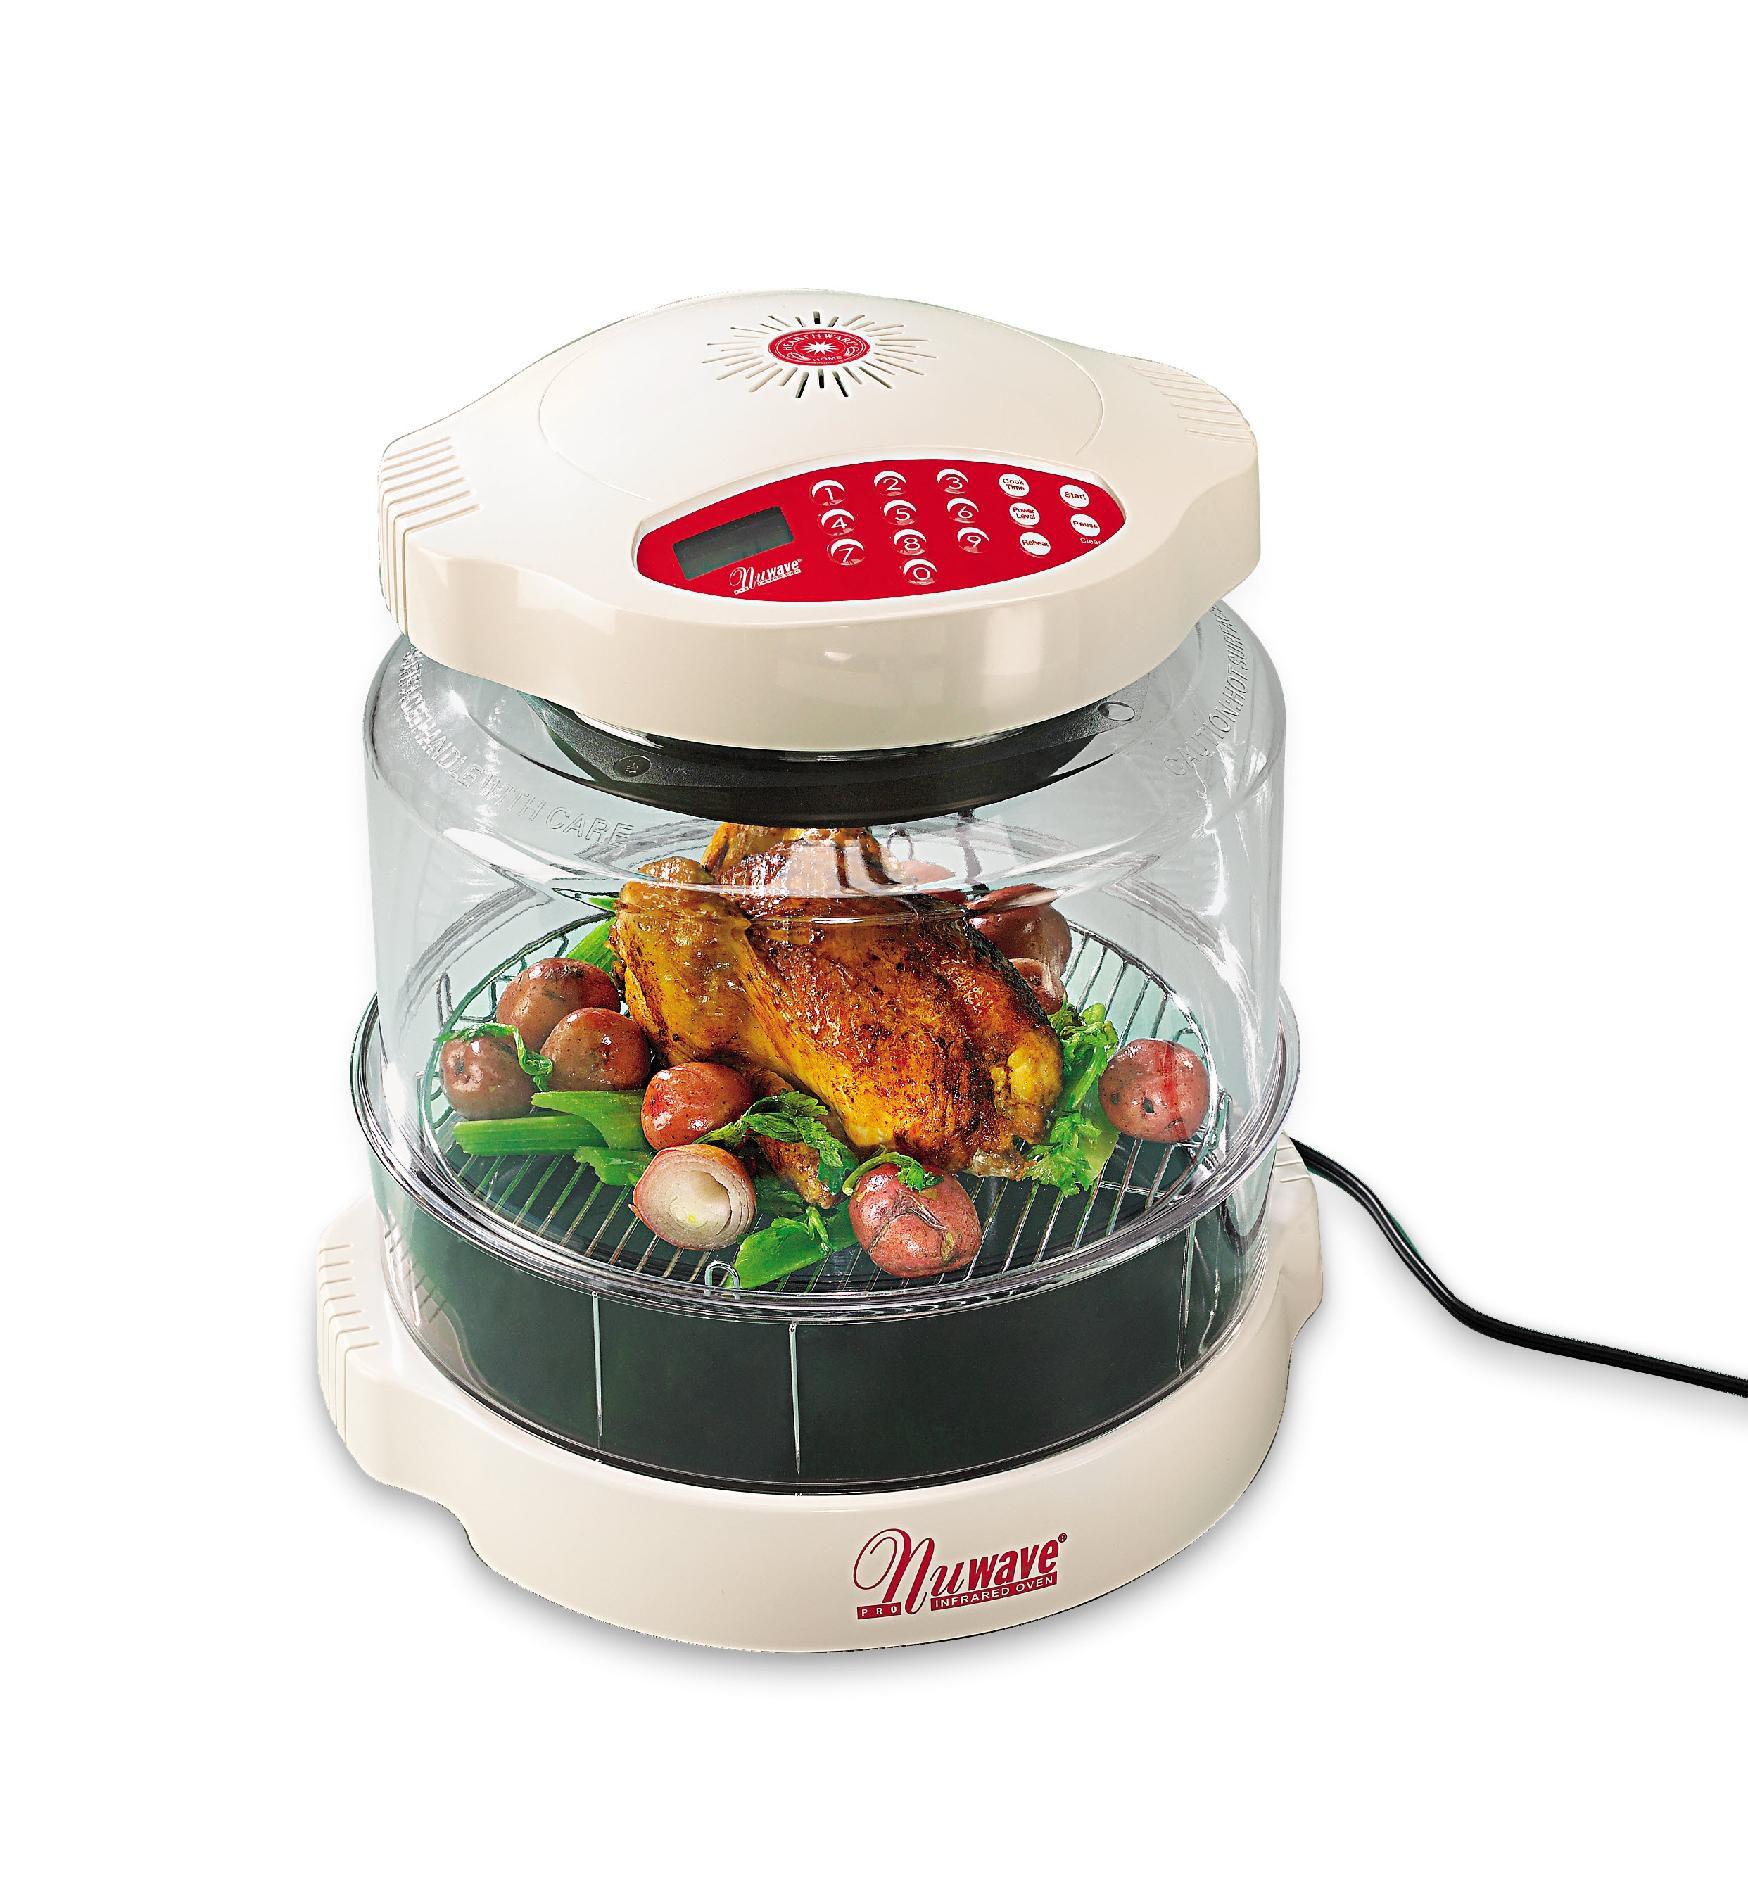 Nuwave Oven 1500 Watt Oven Pro